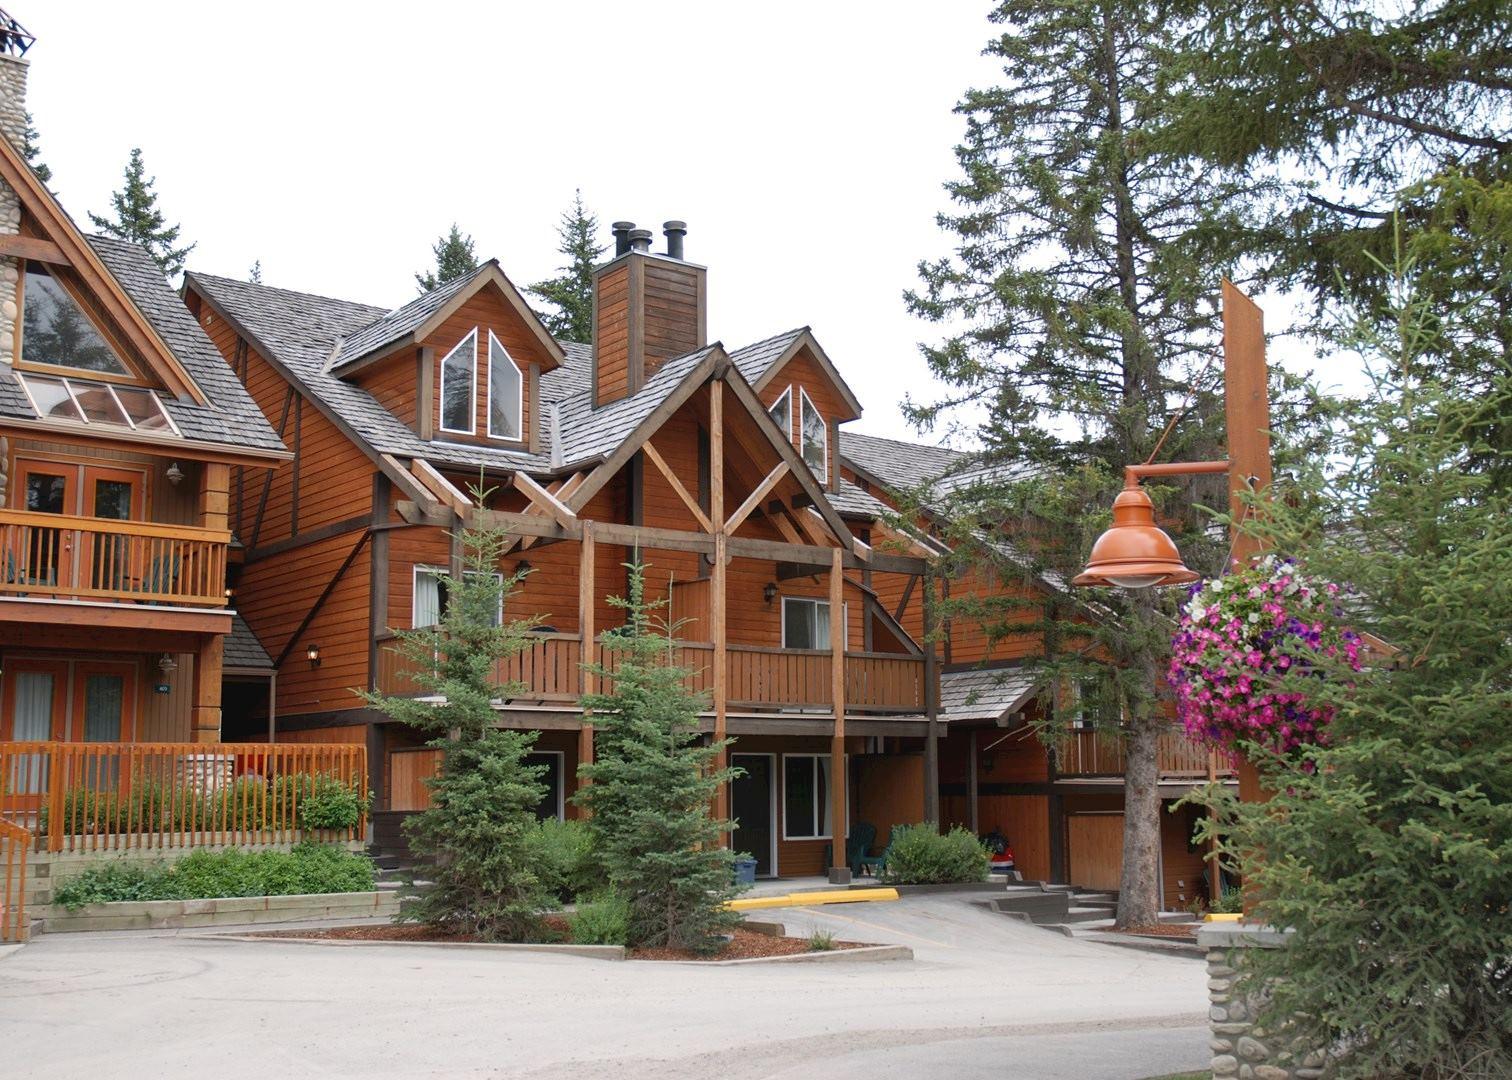 hidden ridge resort hotels in banff audley travel. Black Bedroom Furniture Sets. Home Design Ideas